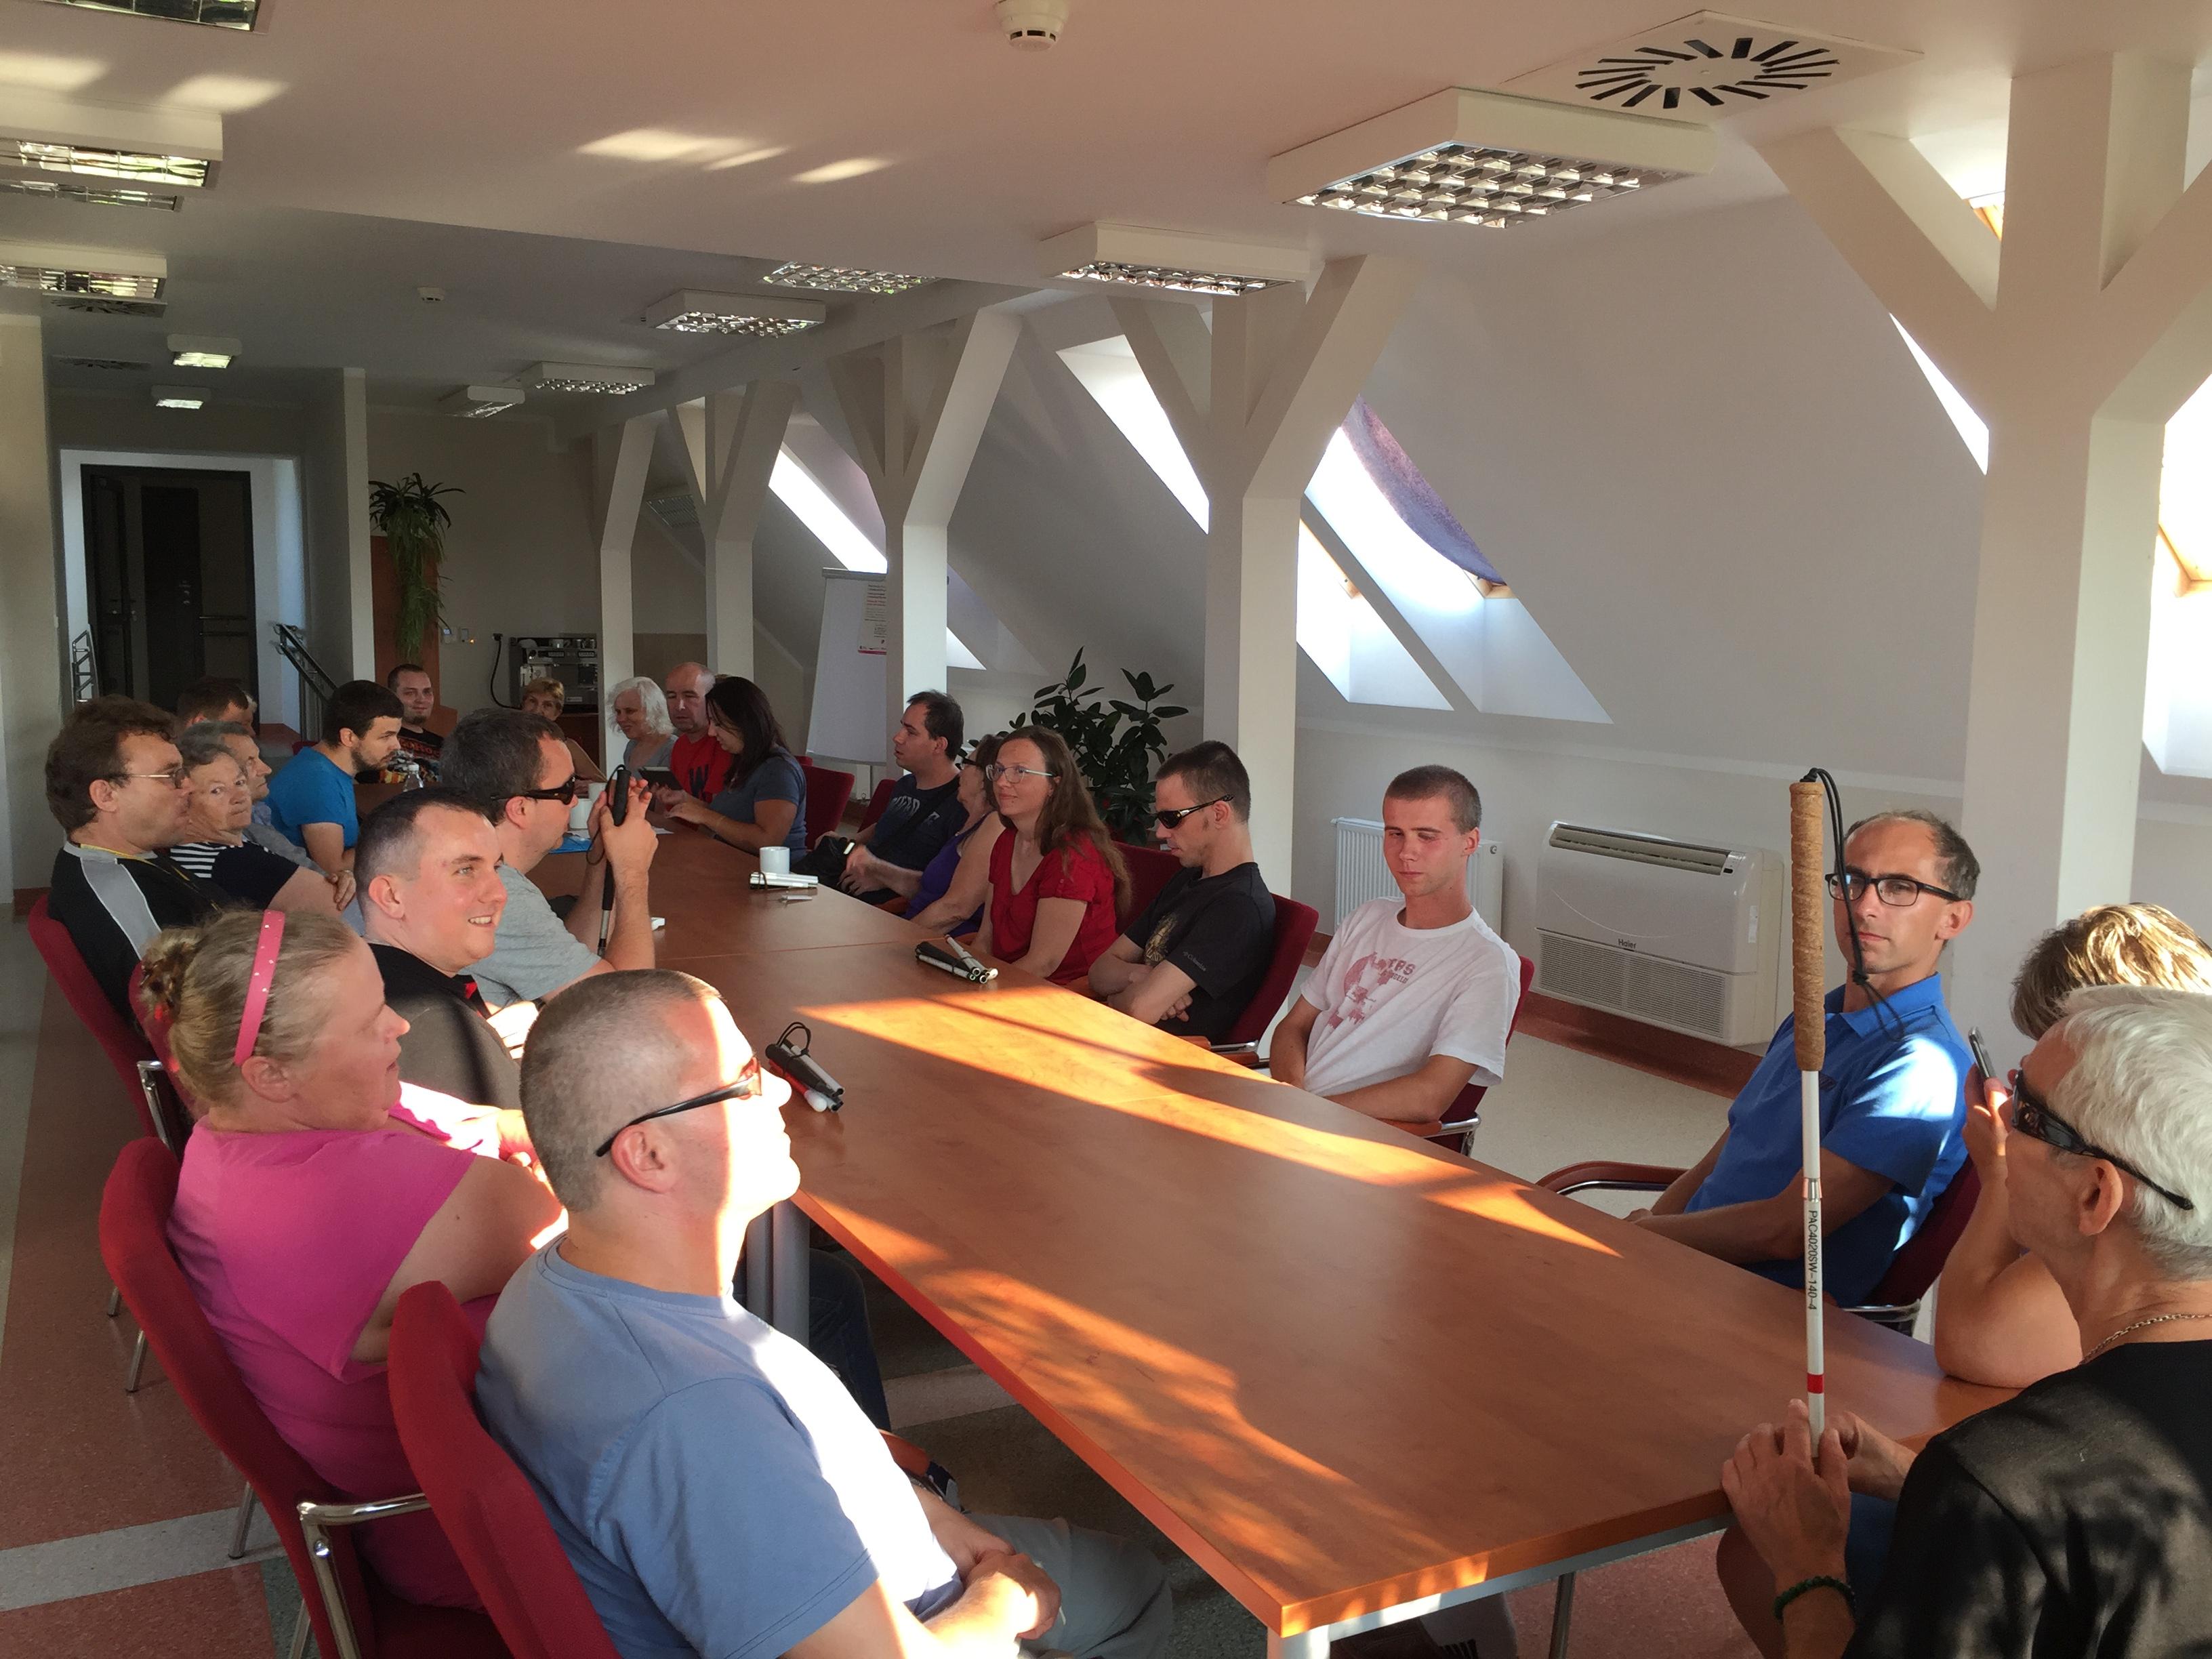 Grupa uczestników zjazdu siedząca przy długim stole w Sali konferencyjnej podczas szkolenia